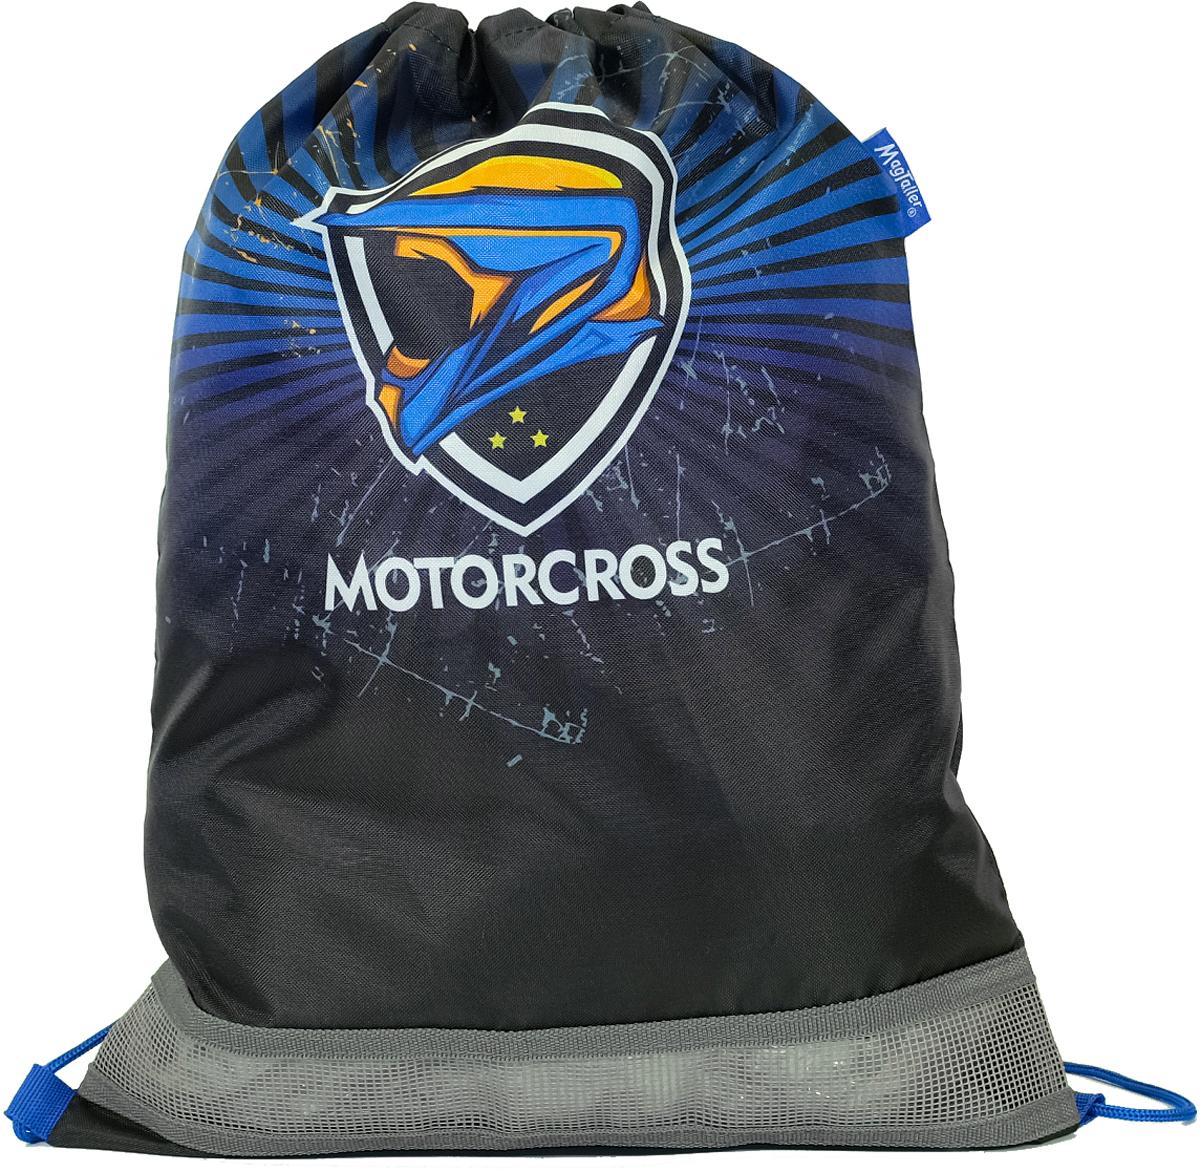 Magtaller Мешок для обуви Boxi Motorcross31616-32Мешок для обуви MagTaller, BOXI Motocross 34х46см - 420 D Polyester - принт - вентилируемая сетка; - затягивается на шнурок. - вес - 70 г.